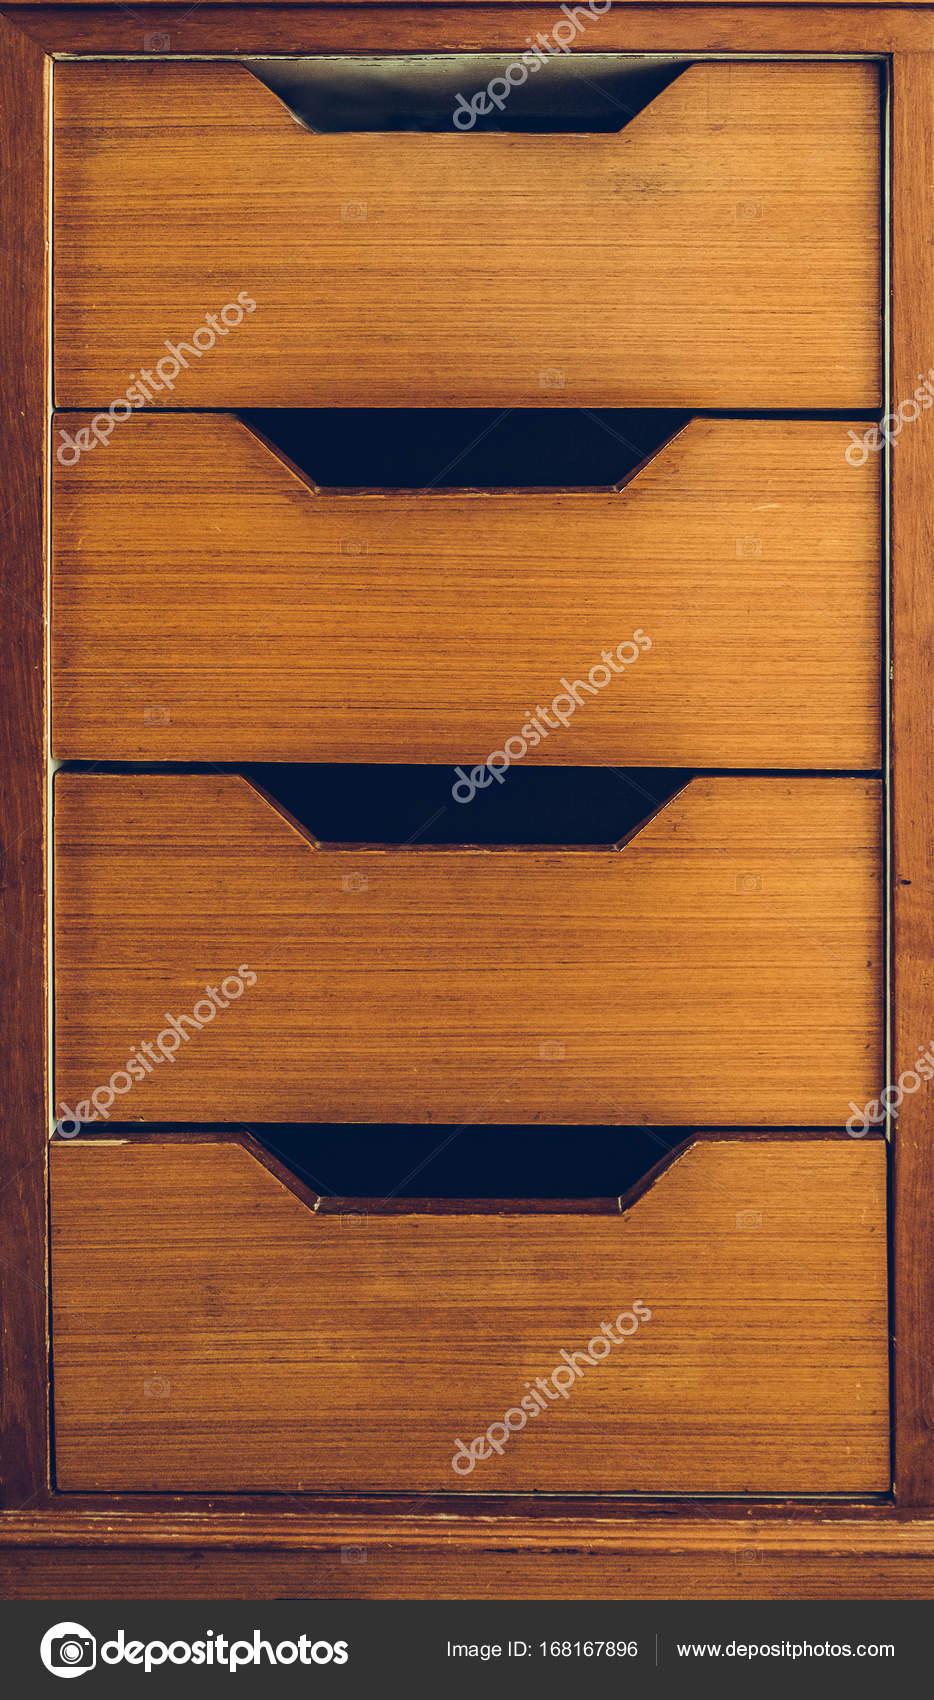 Nouveau Porte de placard tiroir avant cadre en bois, fond — Photographie EK-11